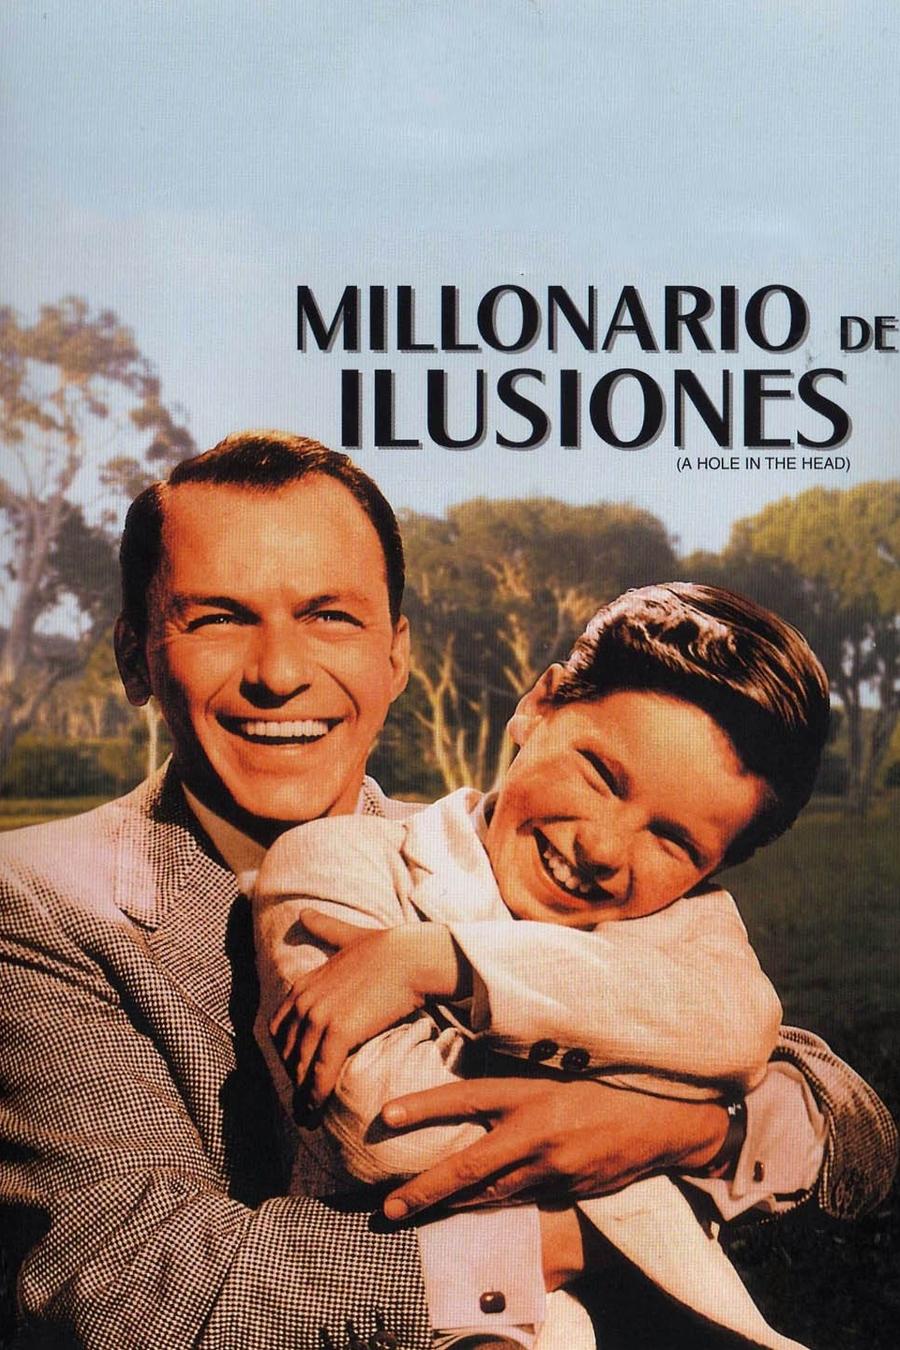 Millonario de ilusiones